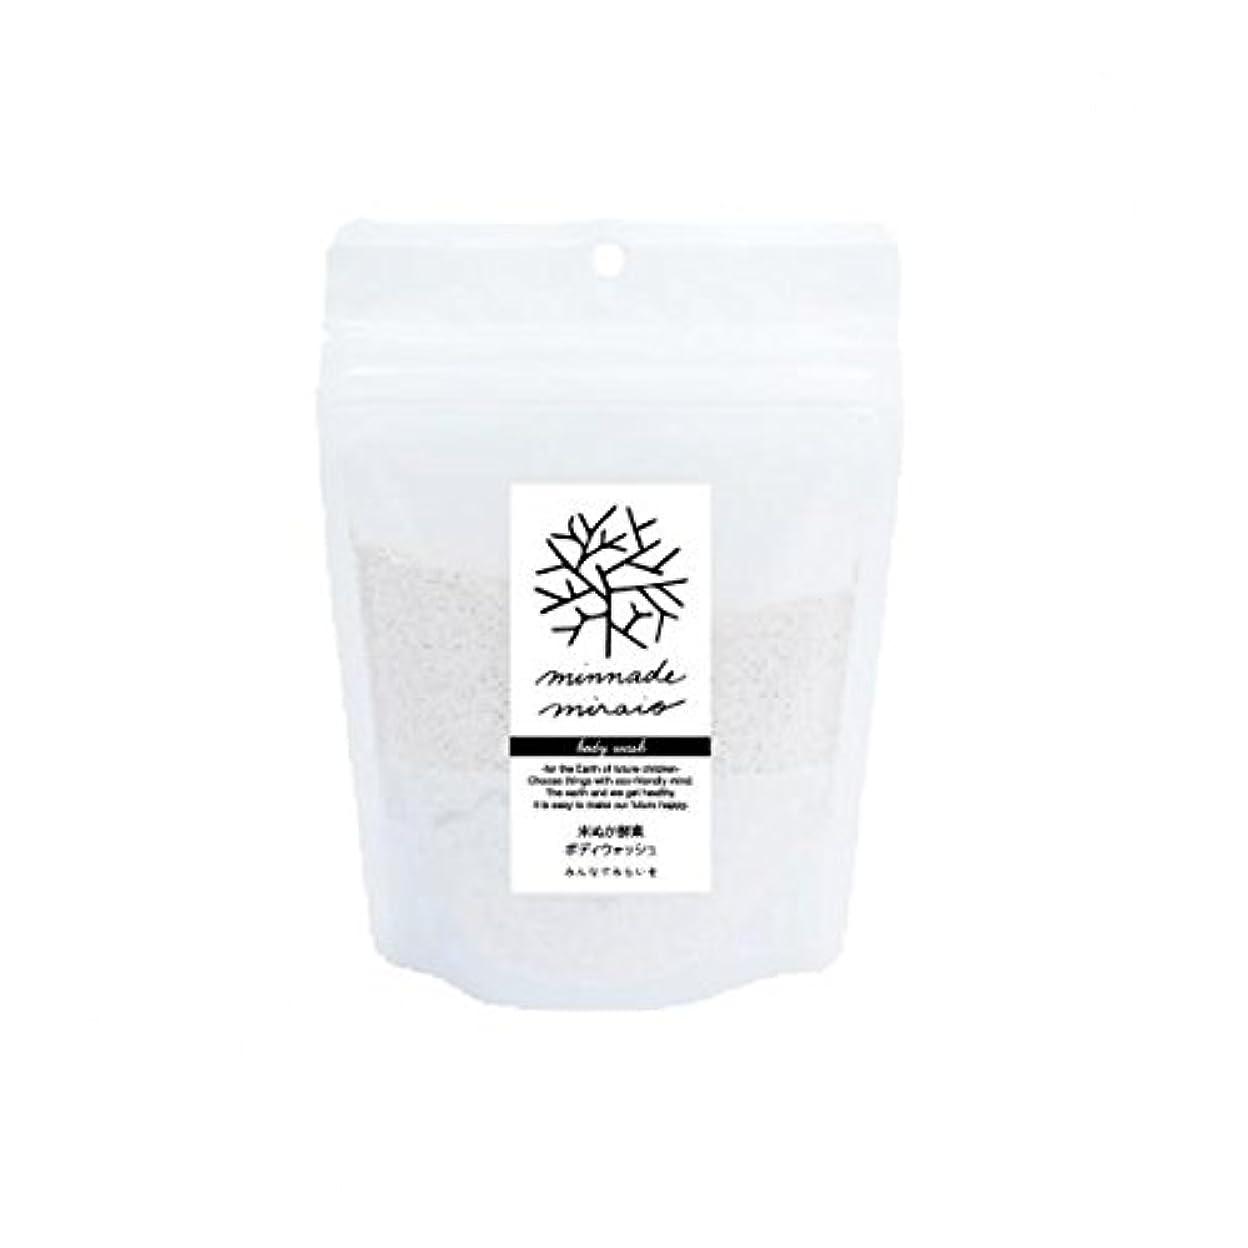 密ボードそうみんなでみらいを 100%無添加 米ぬか酵素ボディウォッシュ 詰替用 130g×3袋